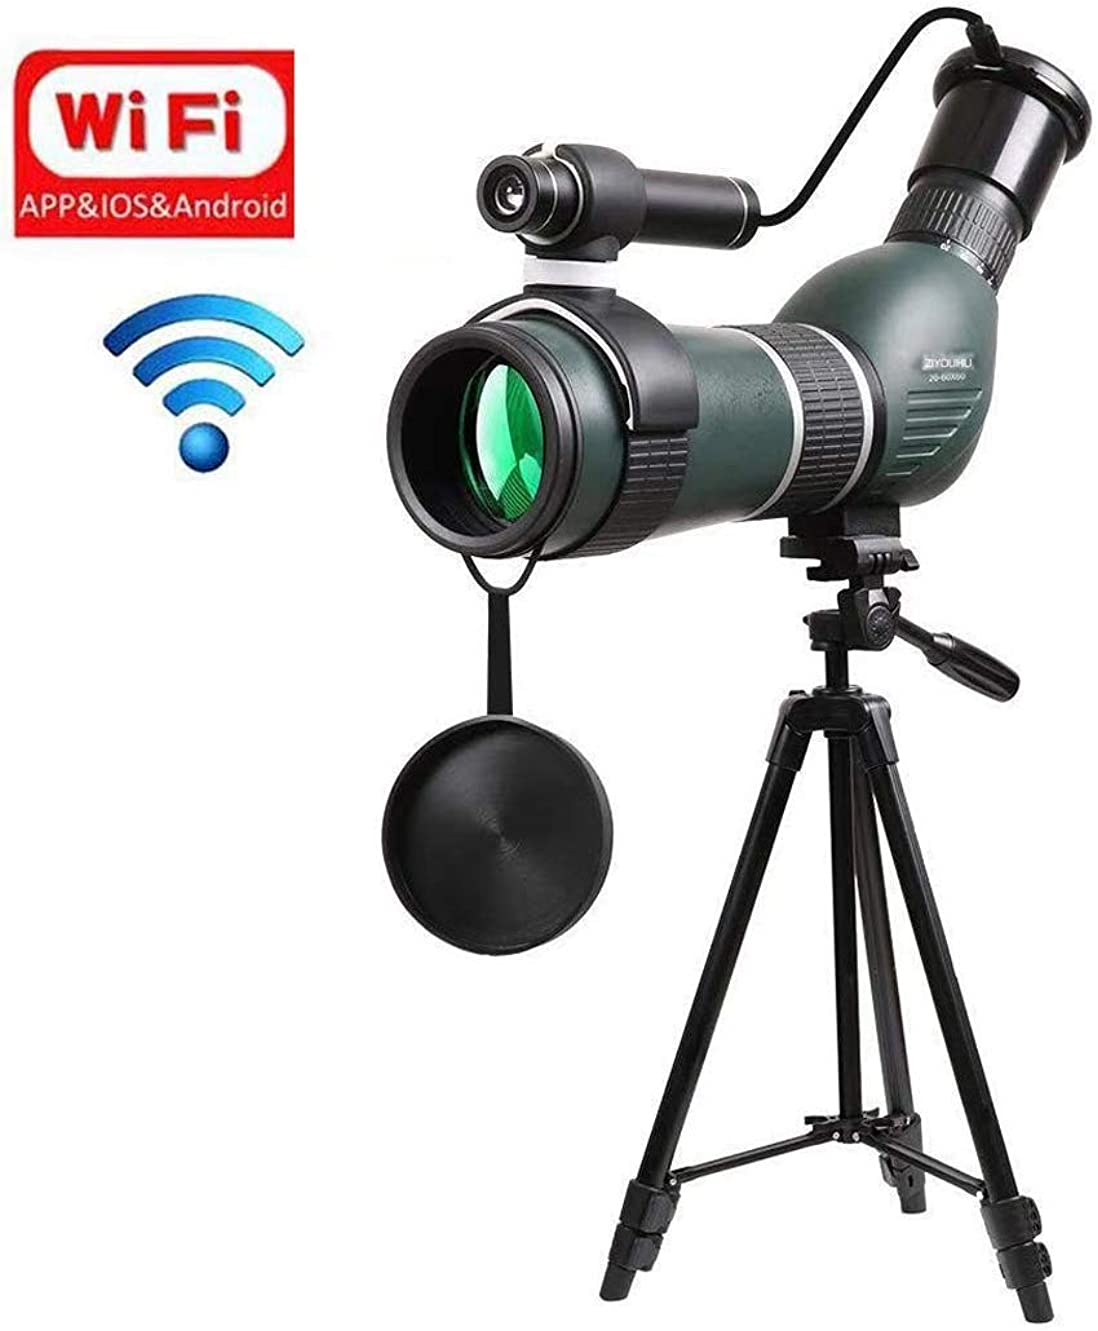 壁自動車病デジタル望遠鏡ナイトビジョン望遠鏡デジタルズーム単眼鏡大人と子供に適した三脚付きスマートフォン用望遠鏡スポーツ旅行天文学バードウォッチング